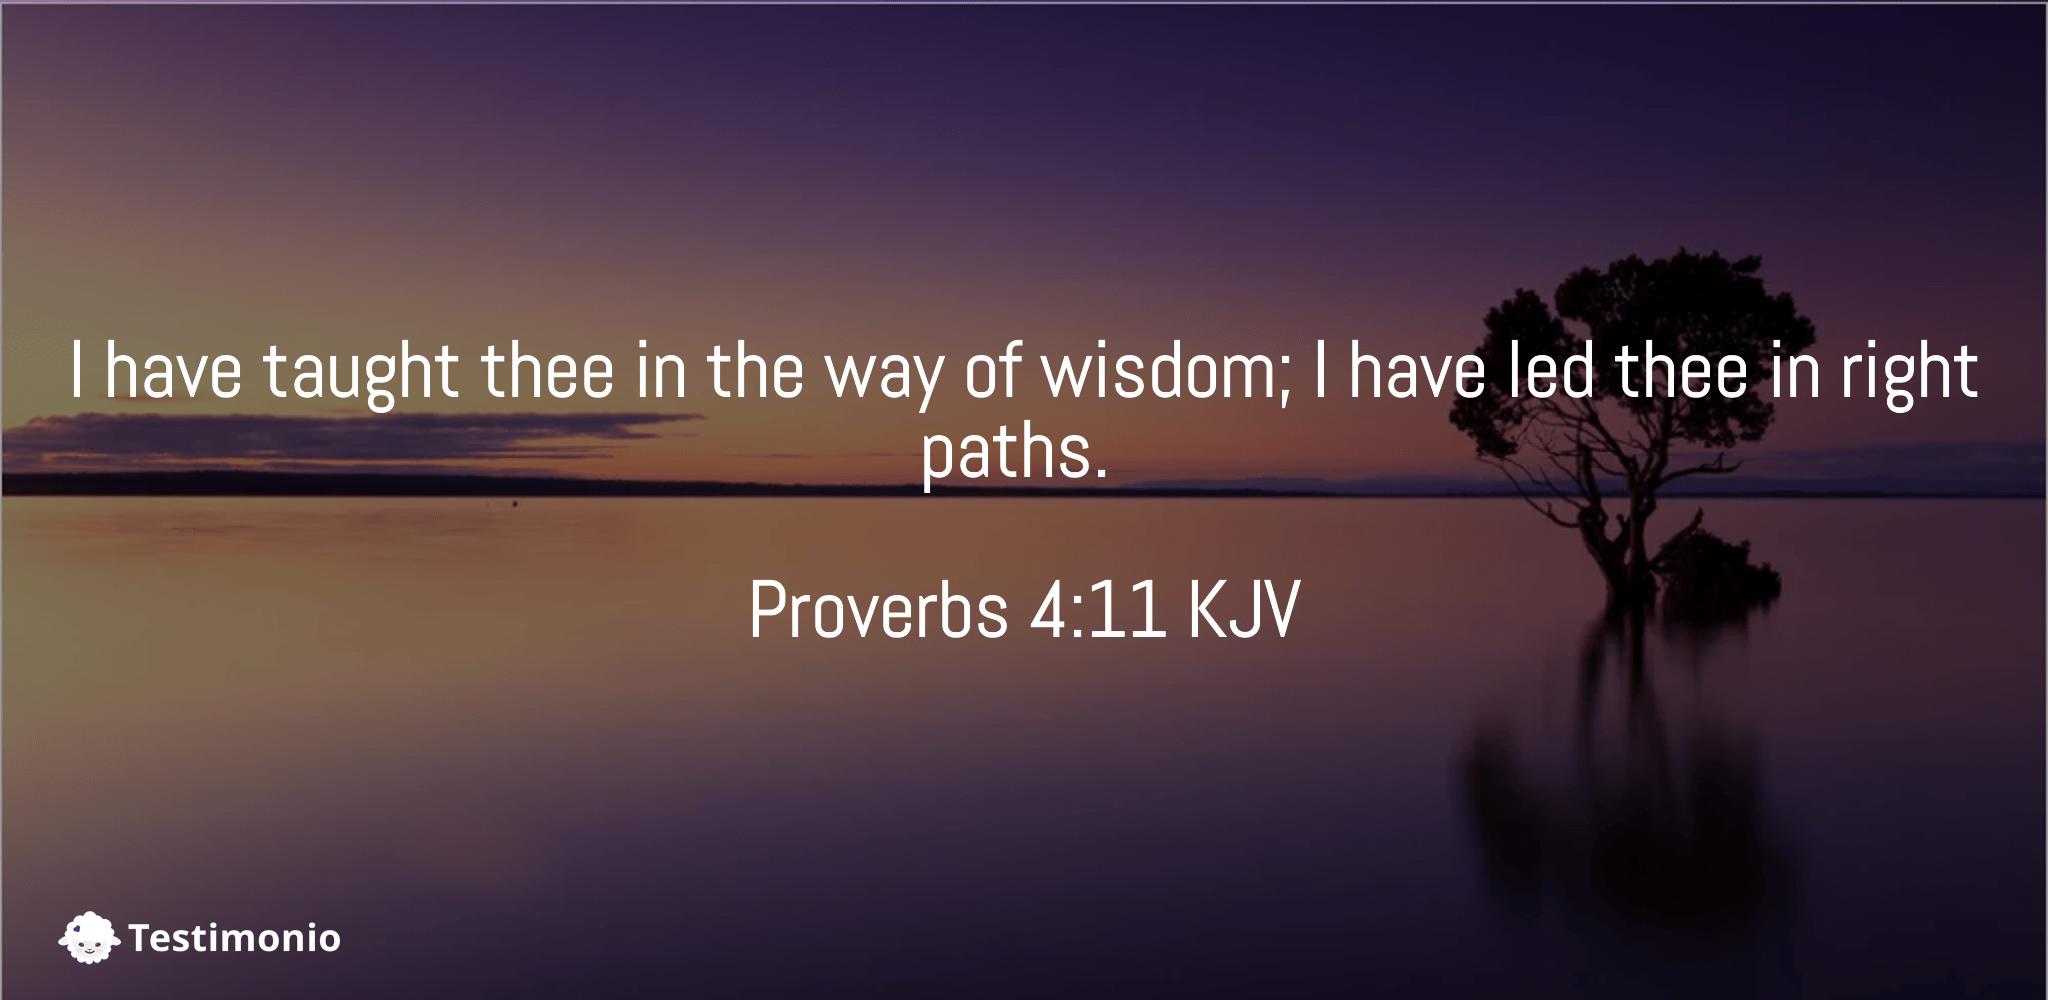 Proverbs 4:11